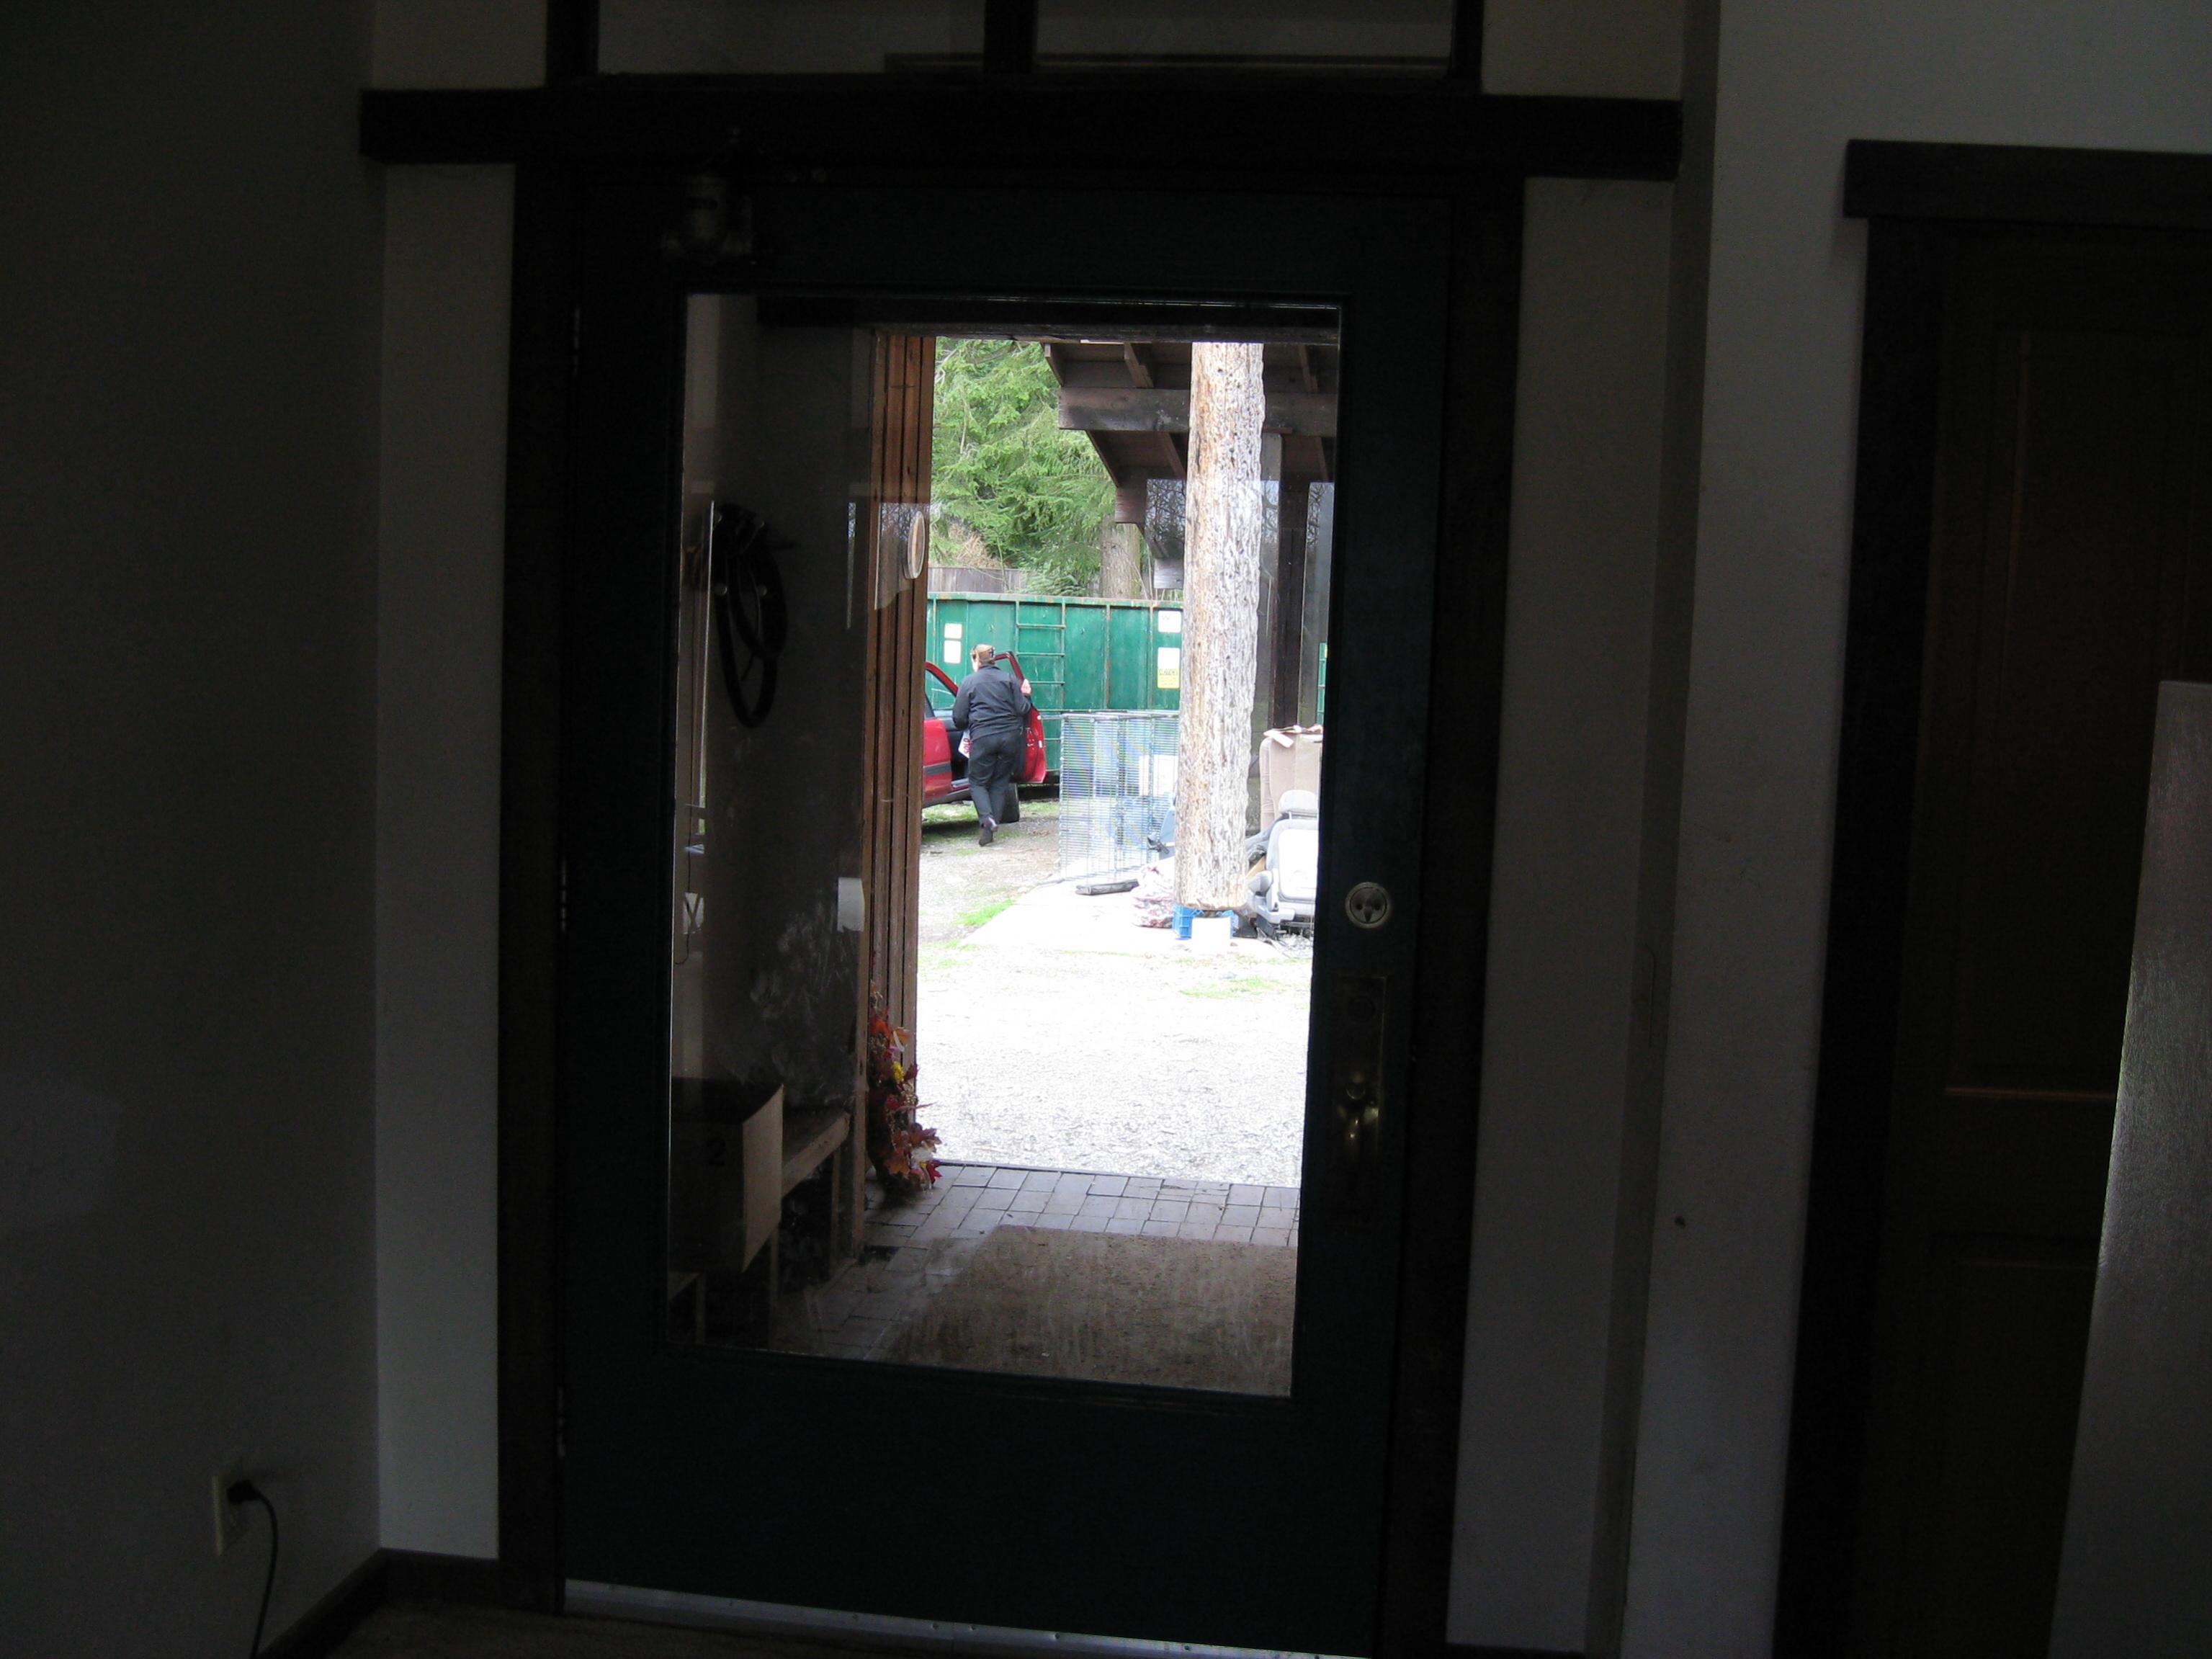 Opening your front door while carrying-frdoor.jpg